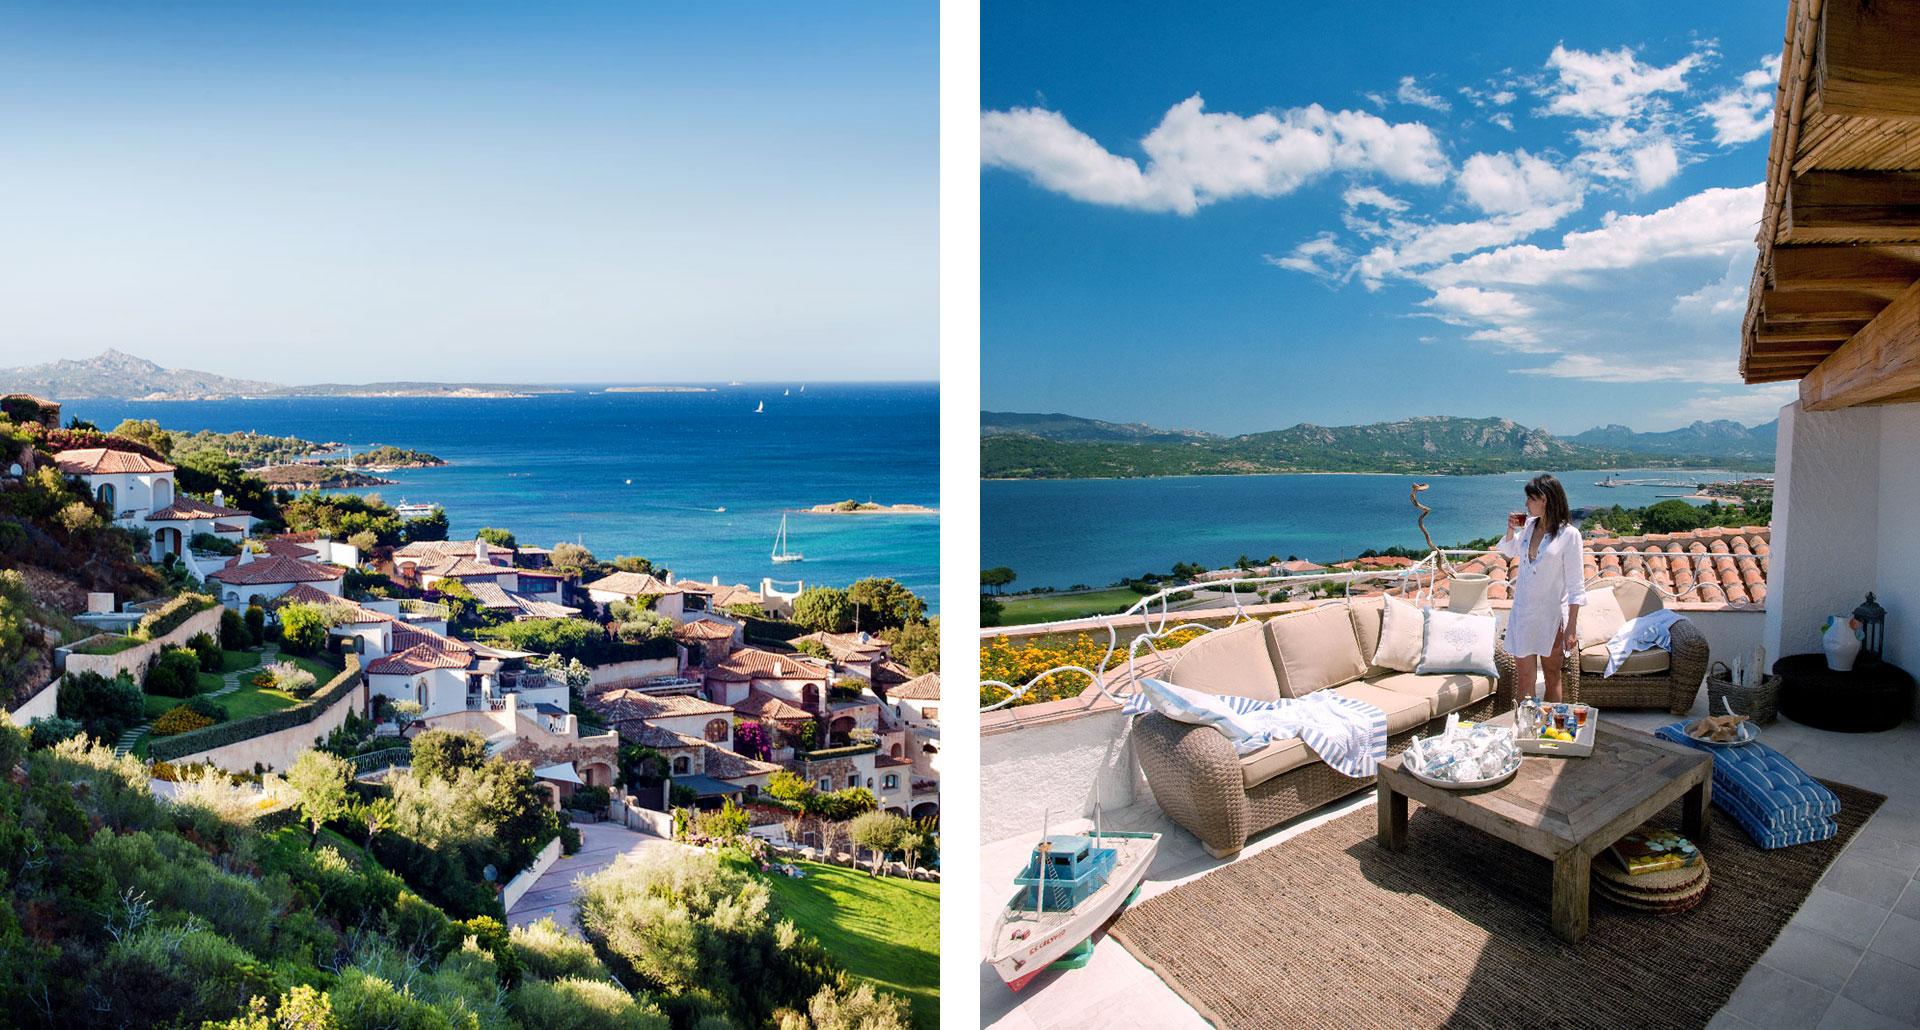 Hotel Villa del Golfo Lifestyle Resort - boutique hotel in Località la Conia